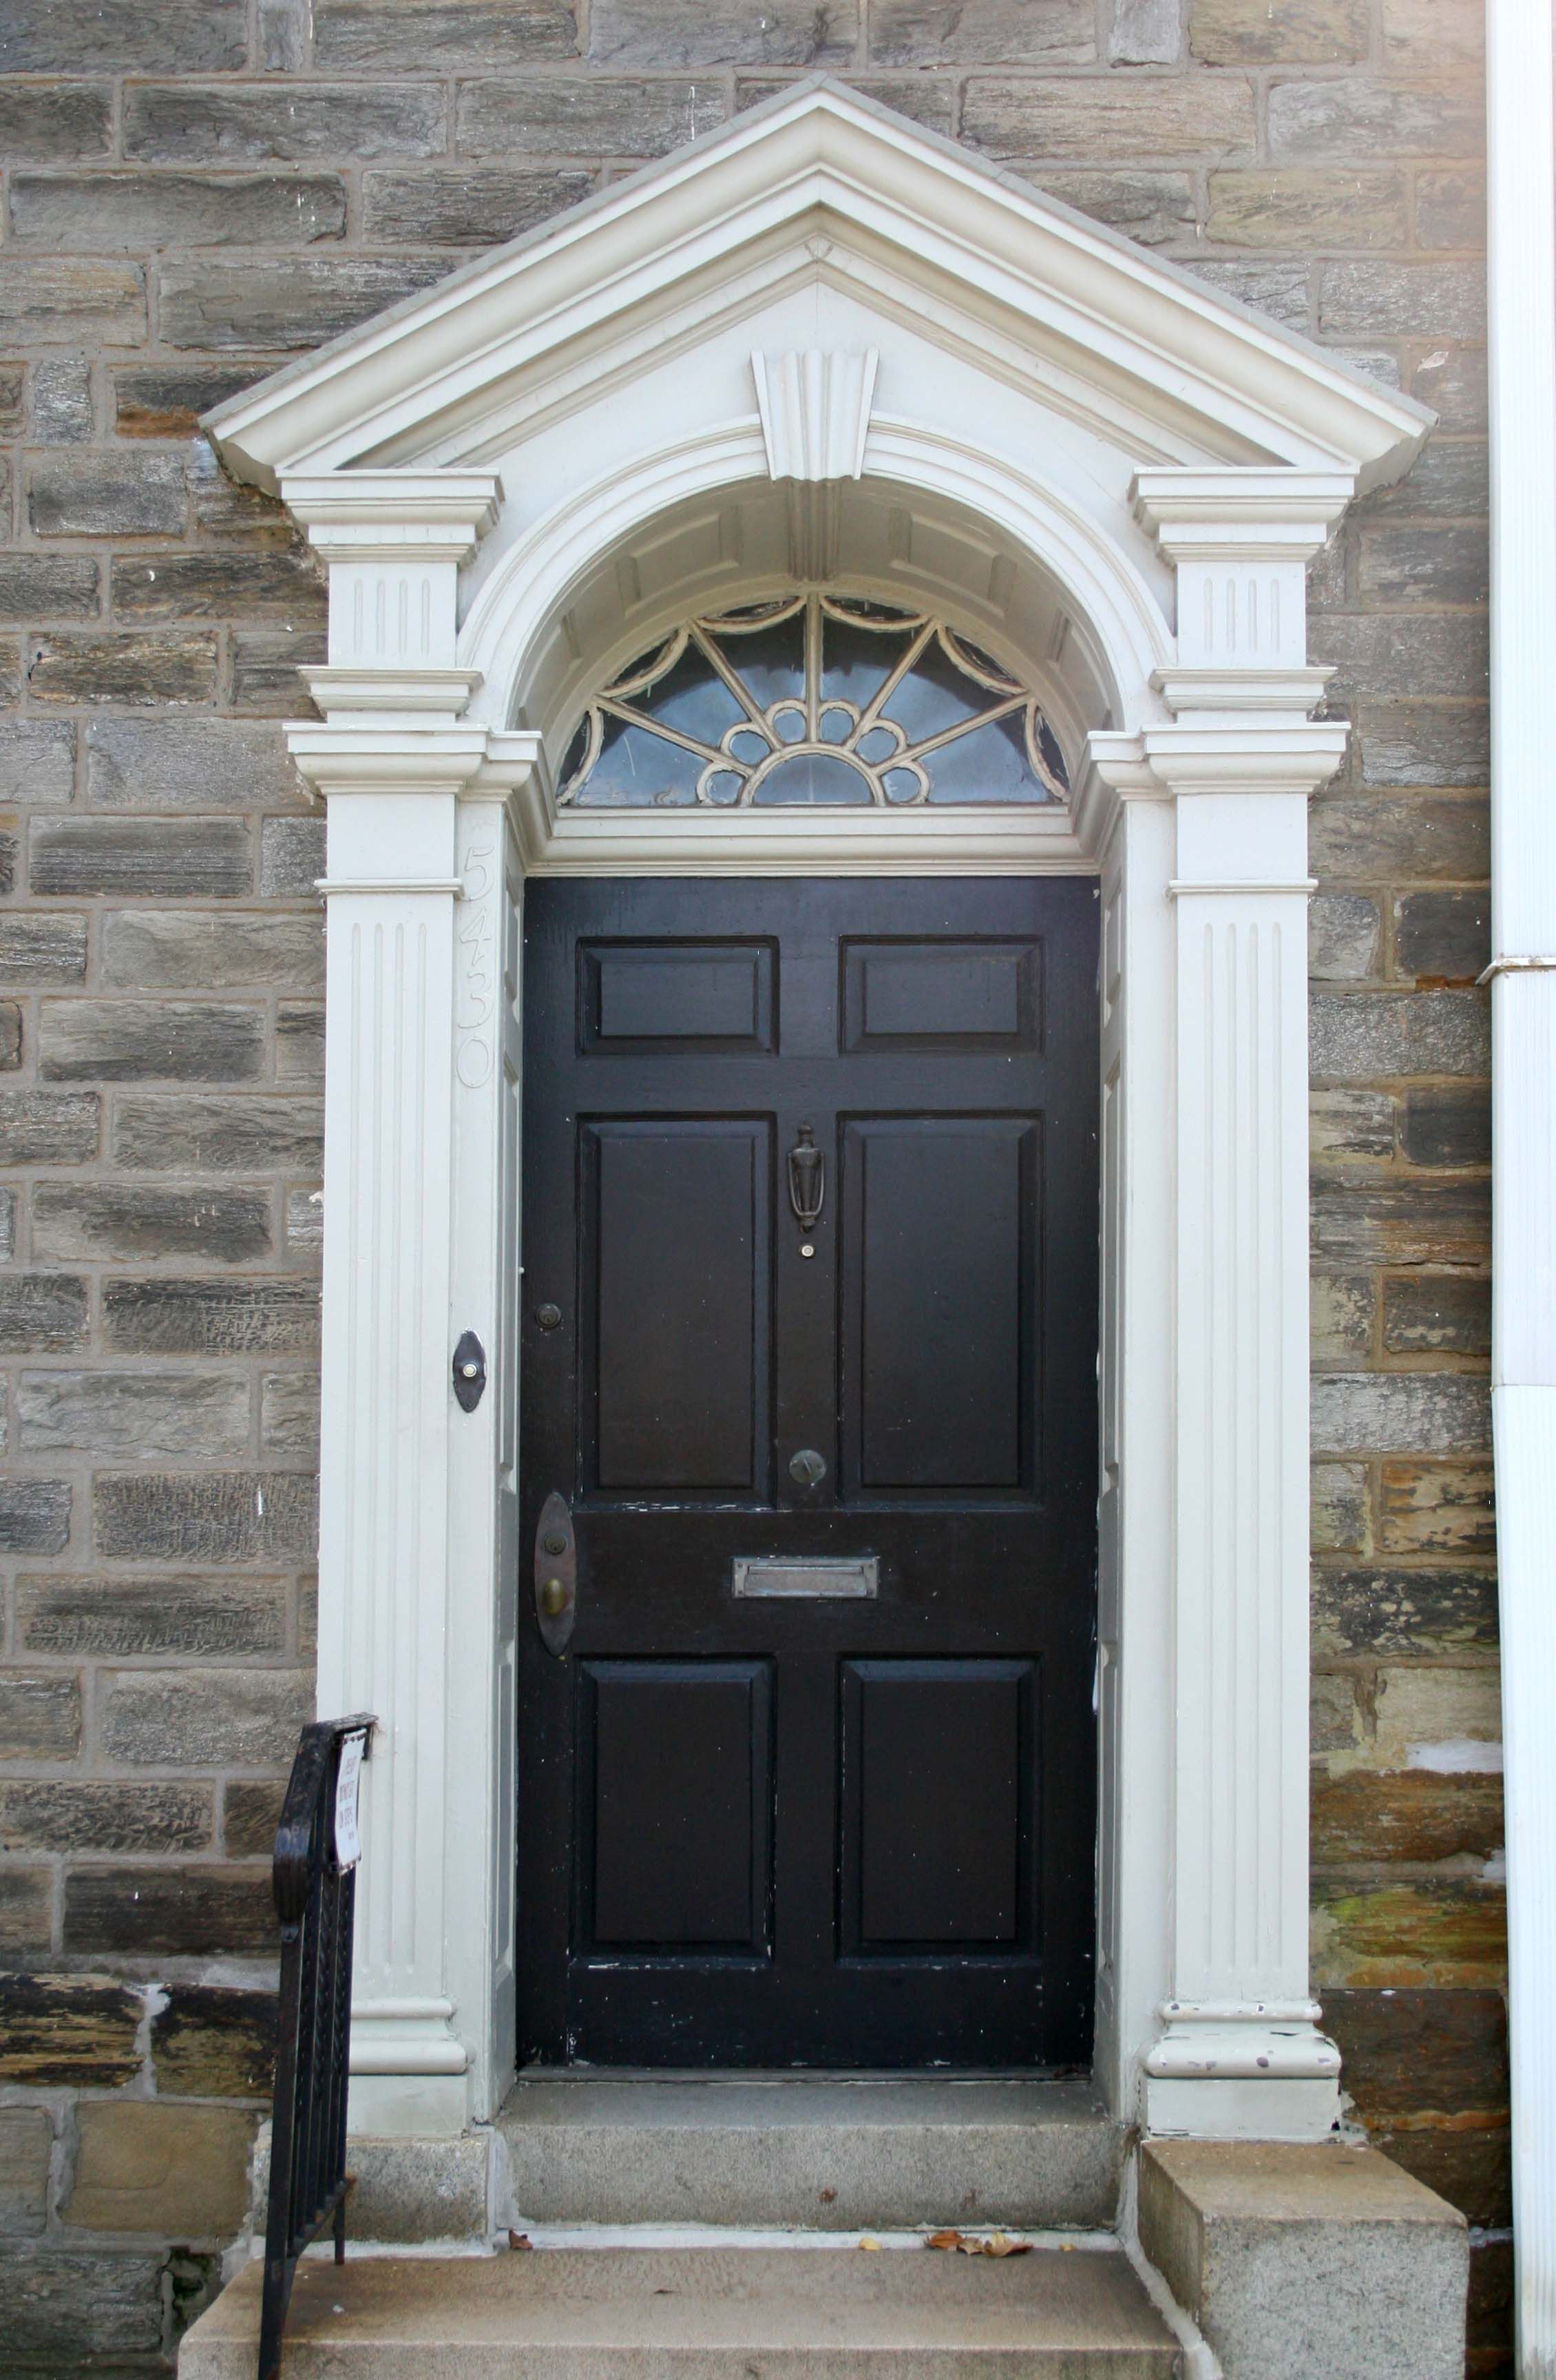 Another Beautiful Doorway In Germantowne Pa To Order A Similar Custom Door For Your Home Contact Seven Trees Georgian Doors Facade House Exterior Door Frame